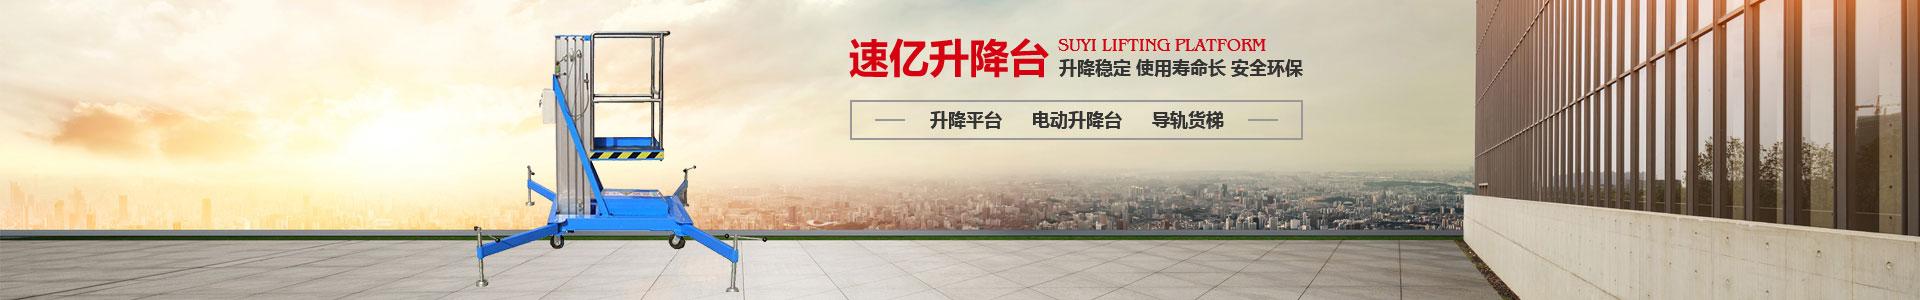 重庆升降机平台